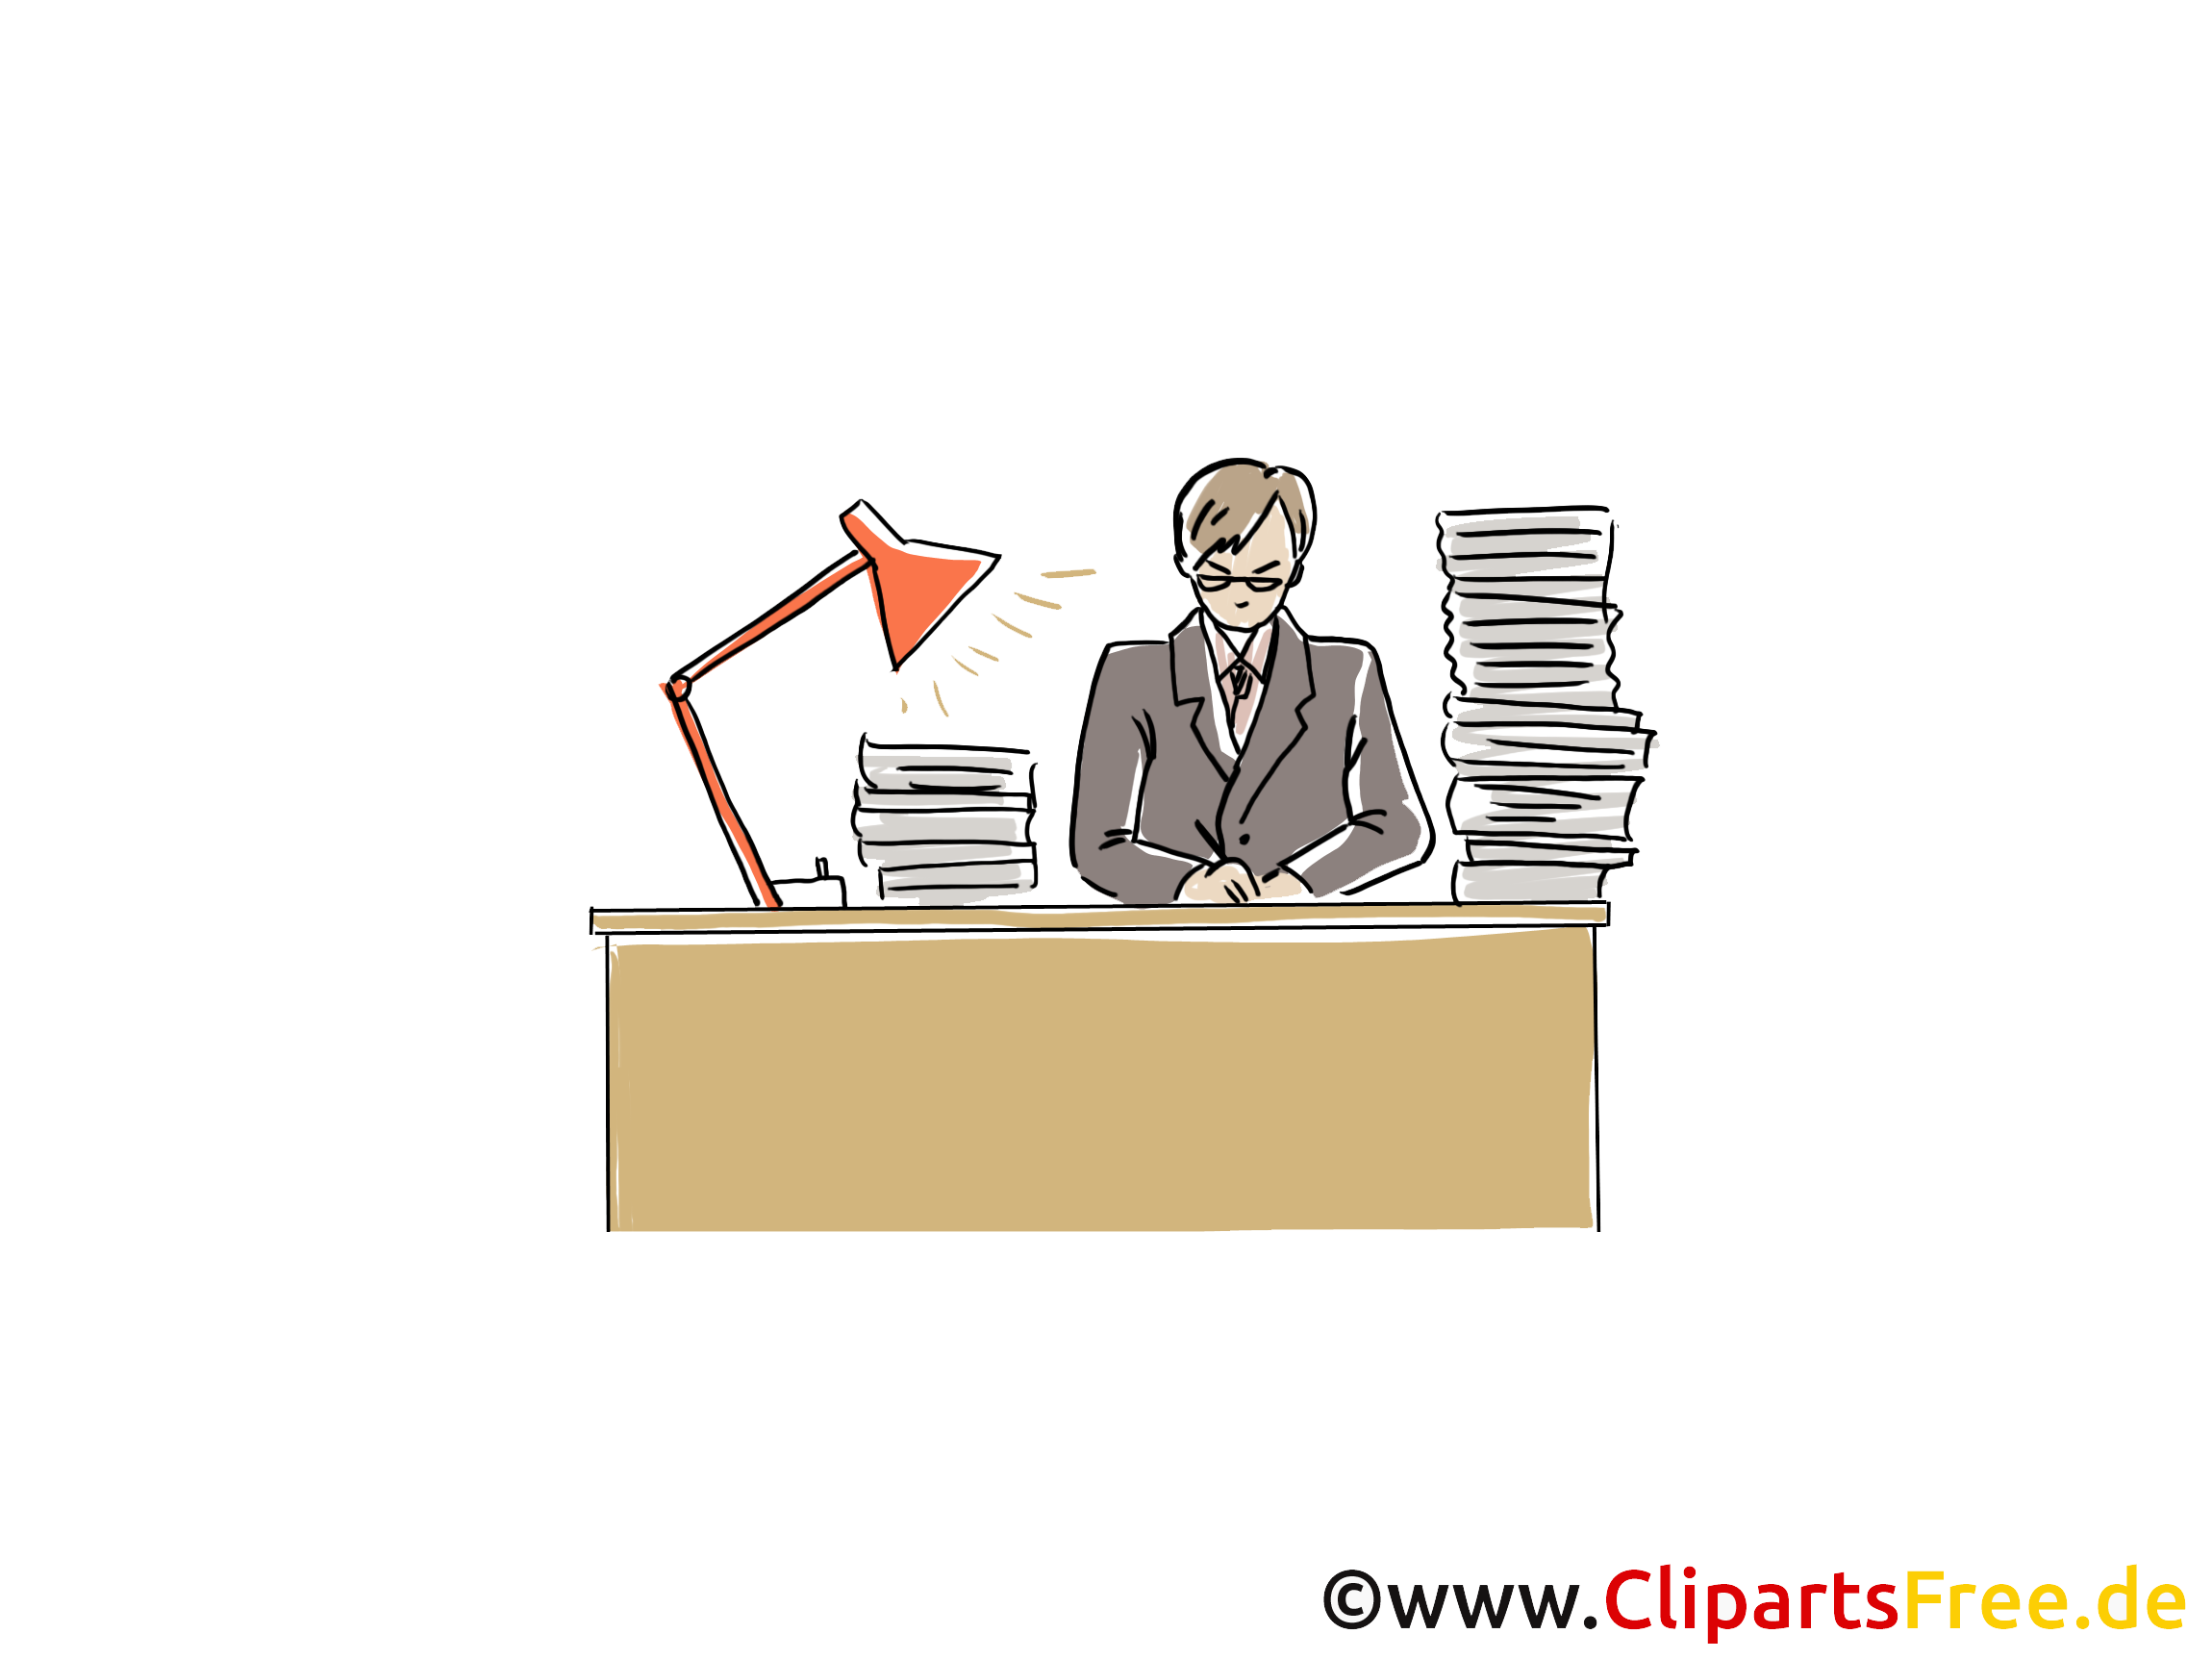 Schreibtisch büro clipart  Mann arbeitet am Schreibtisch Clipart, Grafik